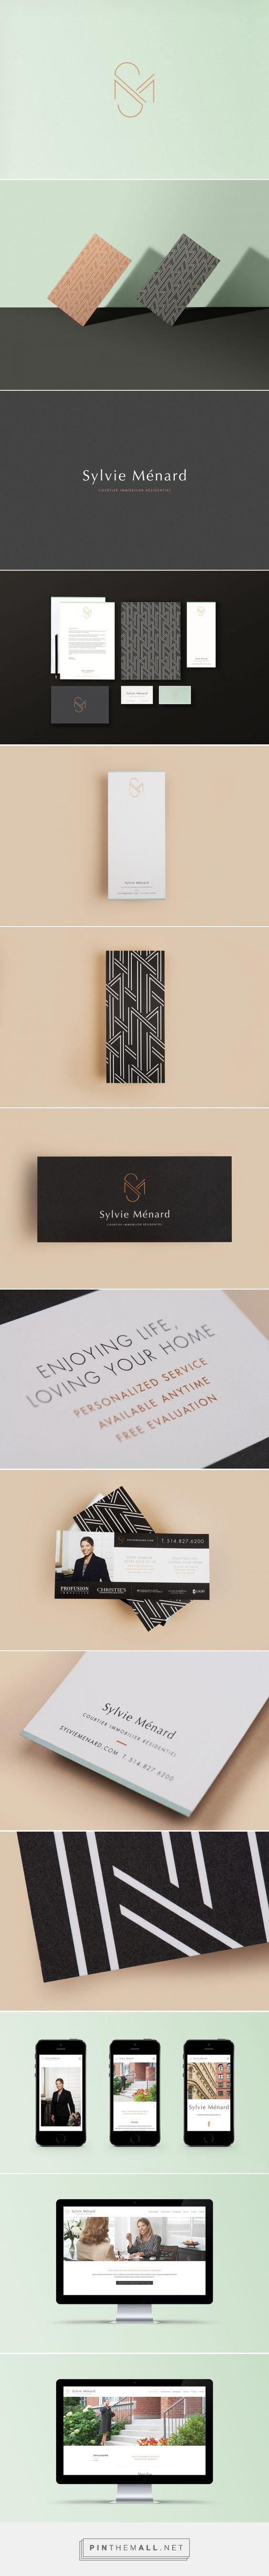 Sylvie menard premium real estate broker by byebye bambi